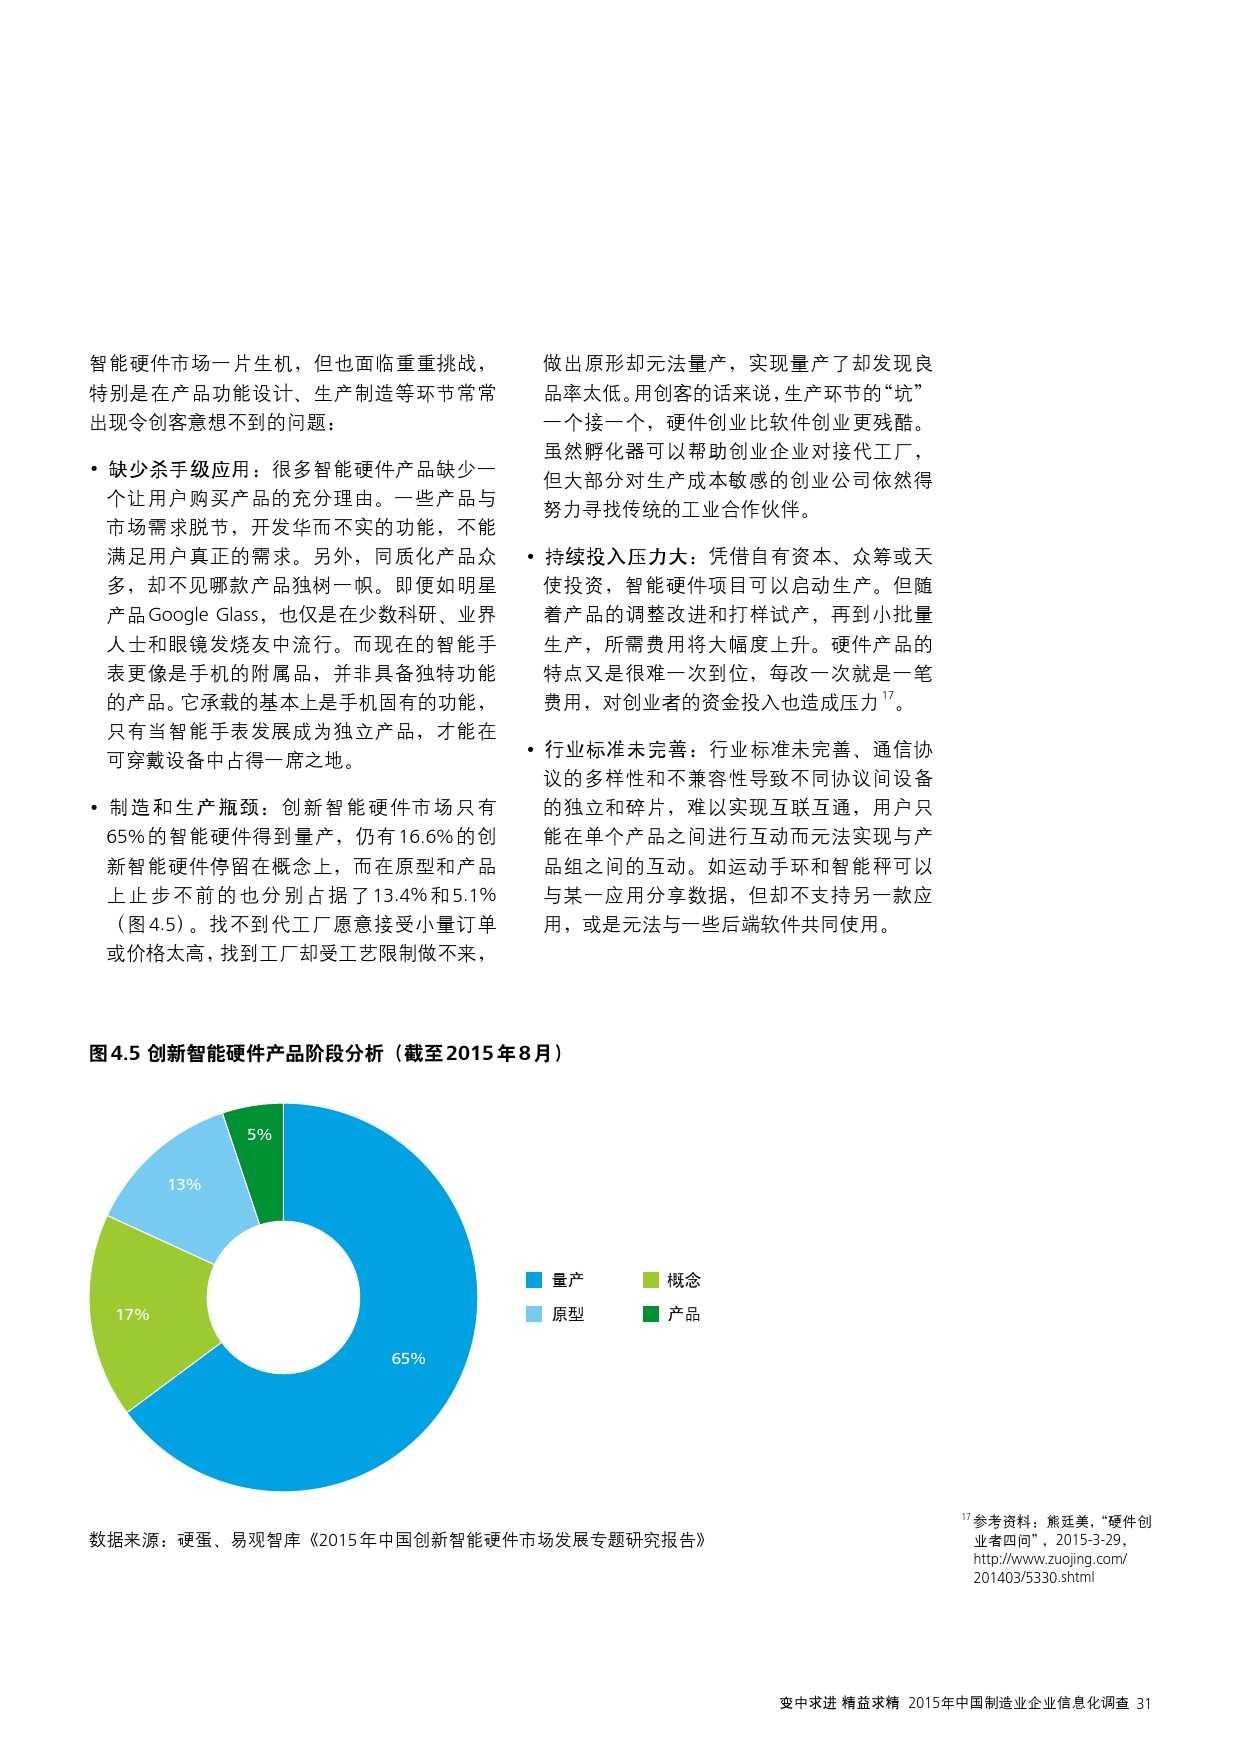 2015年中国制造业企业信息化调查_000033